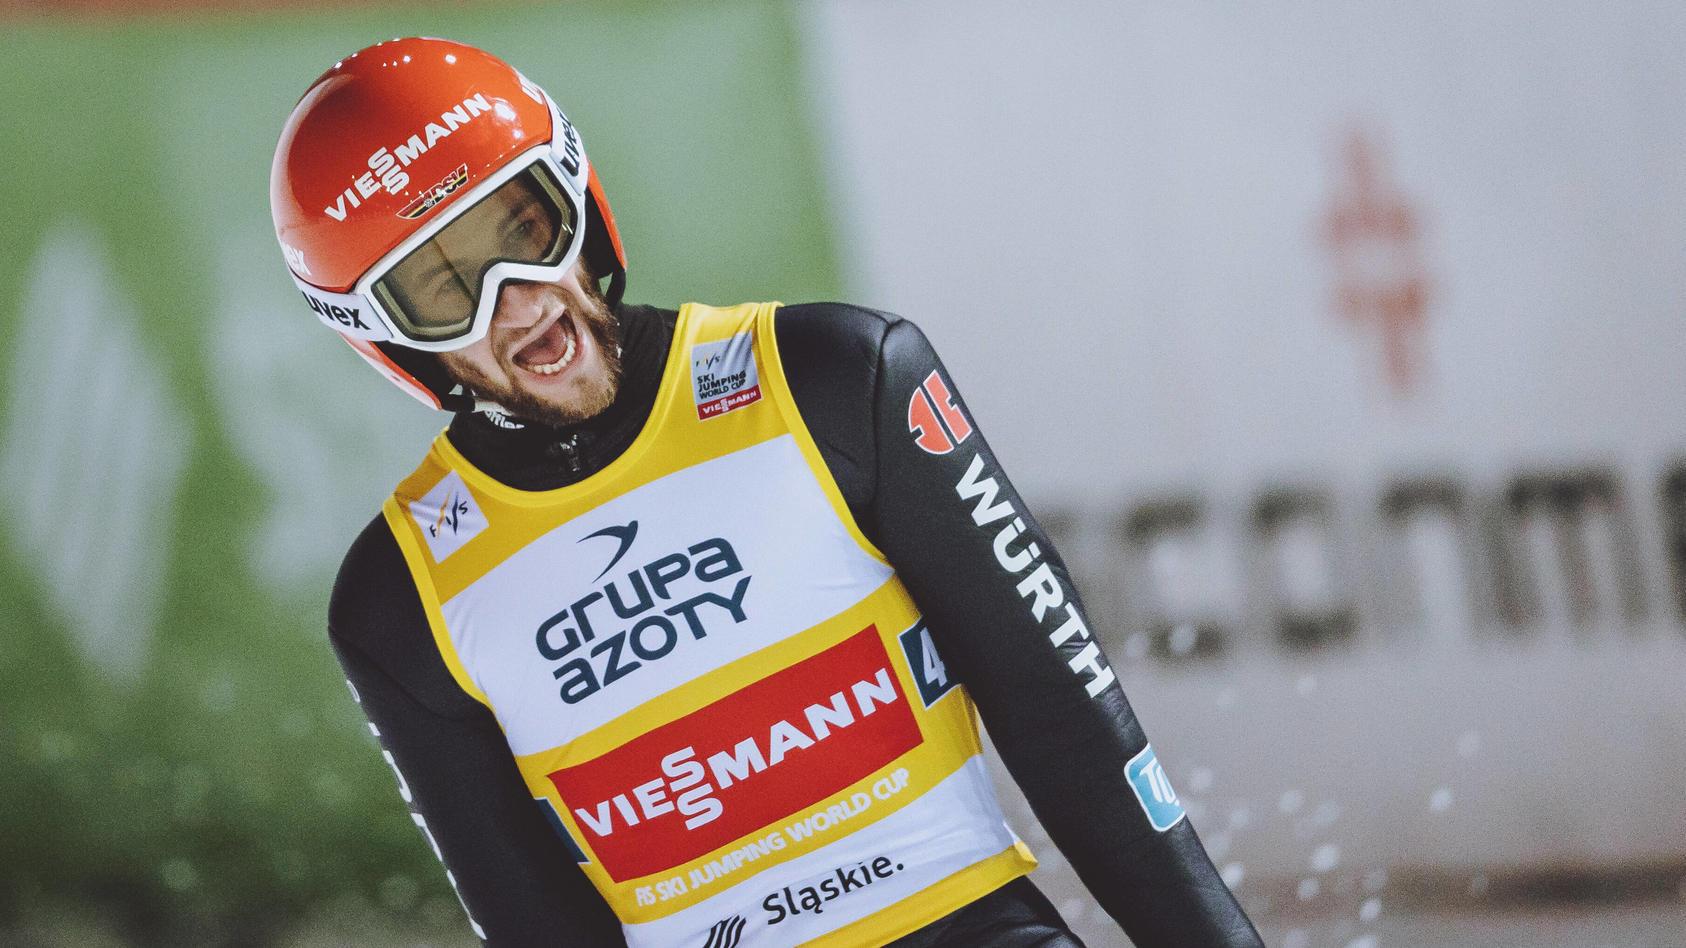 POL, FIS Weltcup Ski Sprung, Wisla 21.11.2020, Adam Malysz Arena, Wisla, POL, FIS Weltcup Ski Sprung, Teambewerb, im Bil